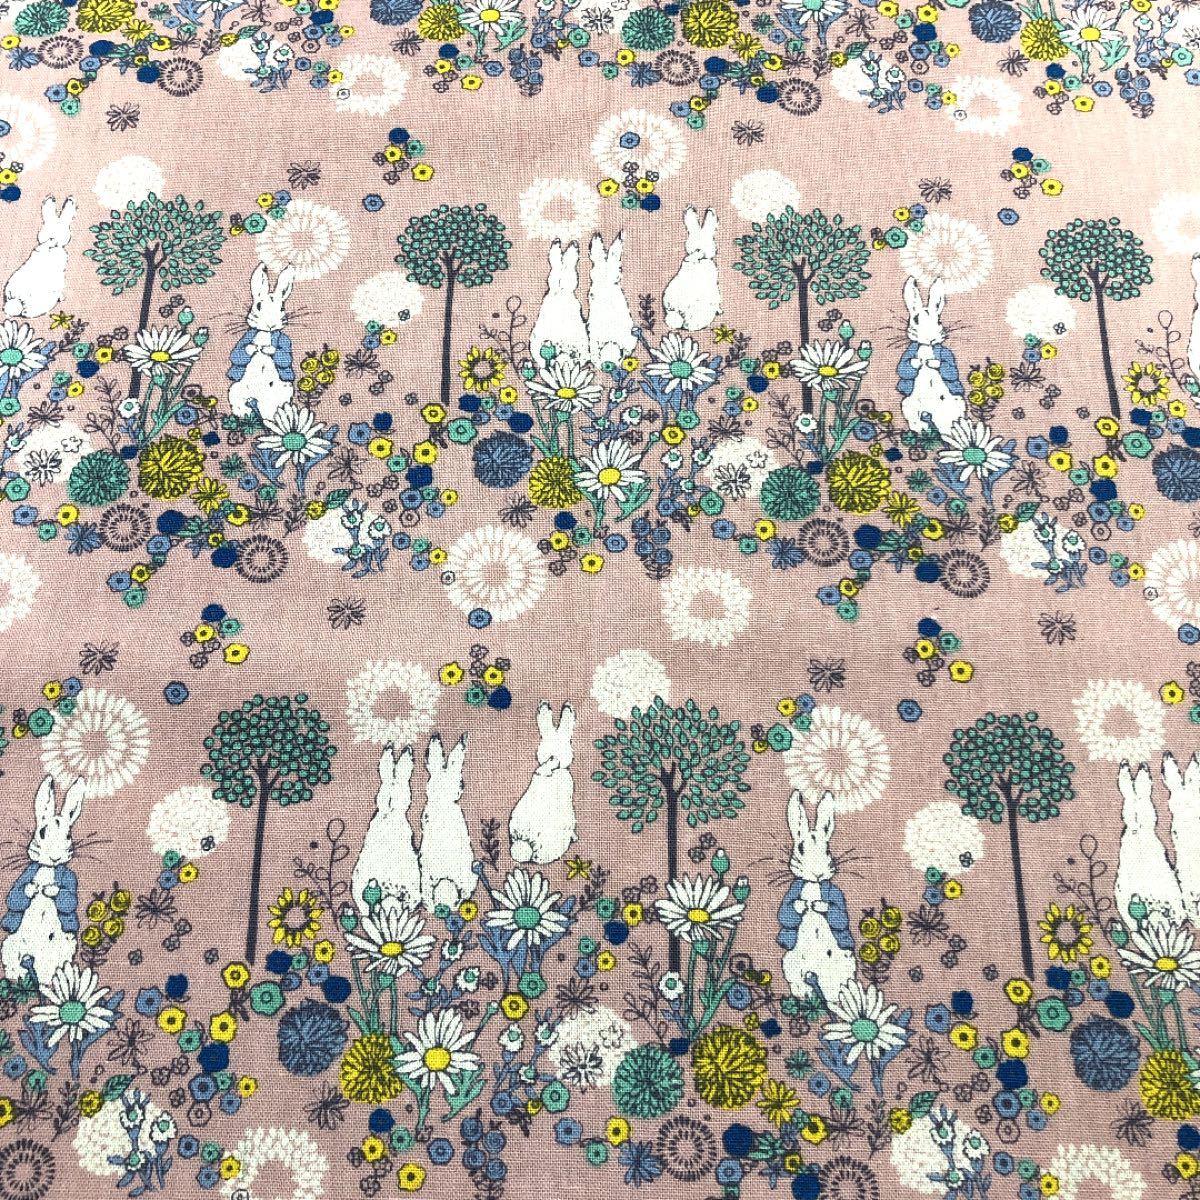 ハギレ  ピーターラビット (フラワーメドウ) ペールピンク 綿麻キャンバス カットクロス 110 × 50cm